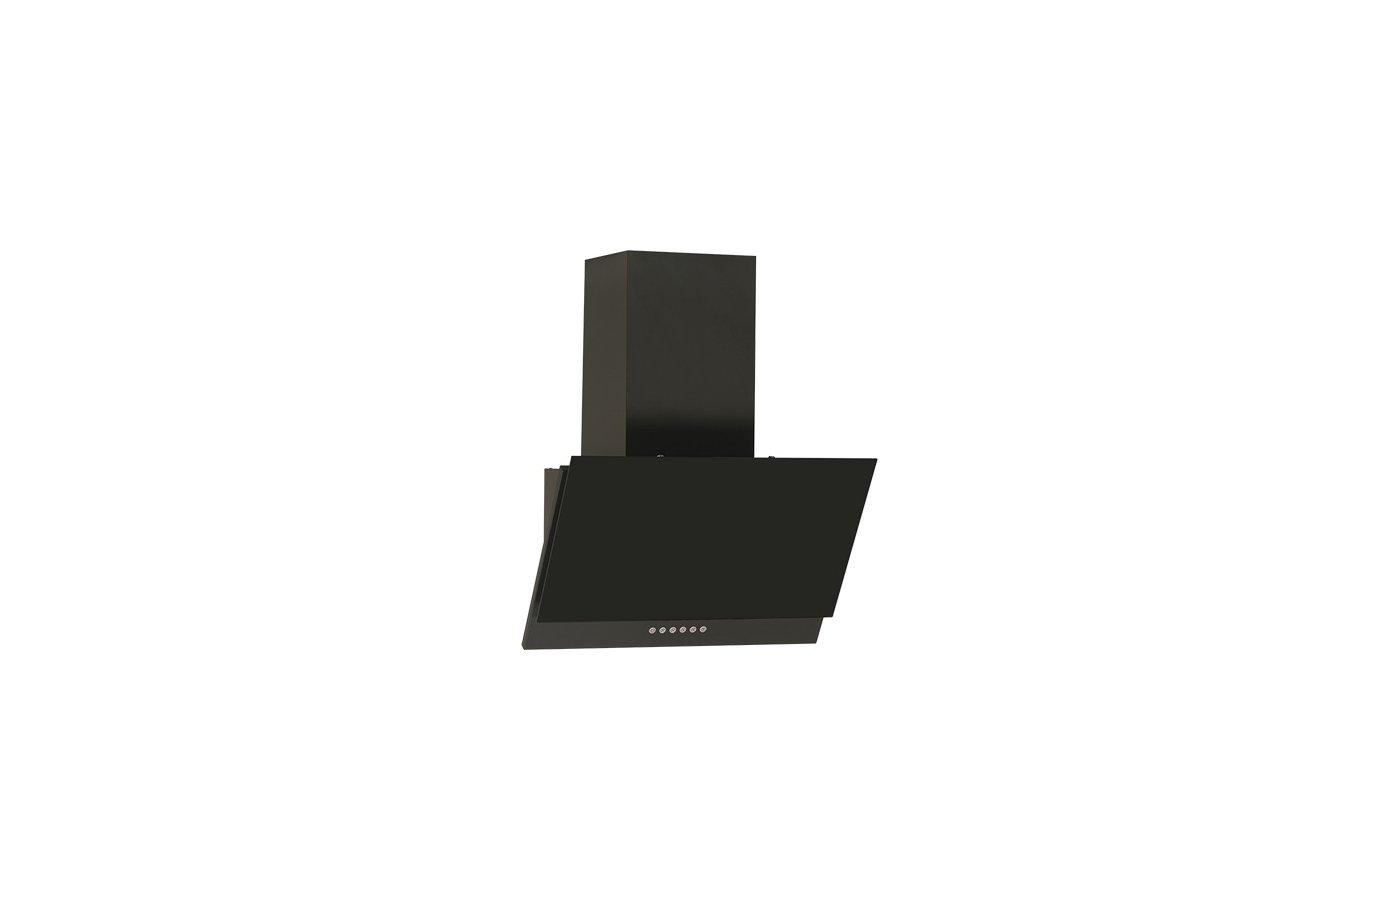 Вытяжка ELIKOR Рубин S4 50П-700-Э4Г антрацит/черный